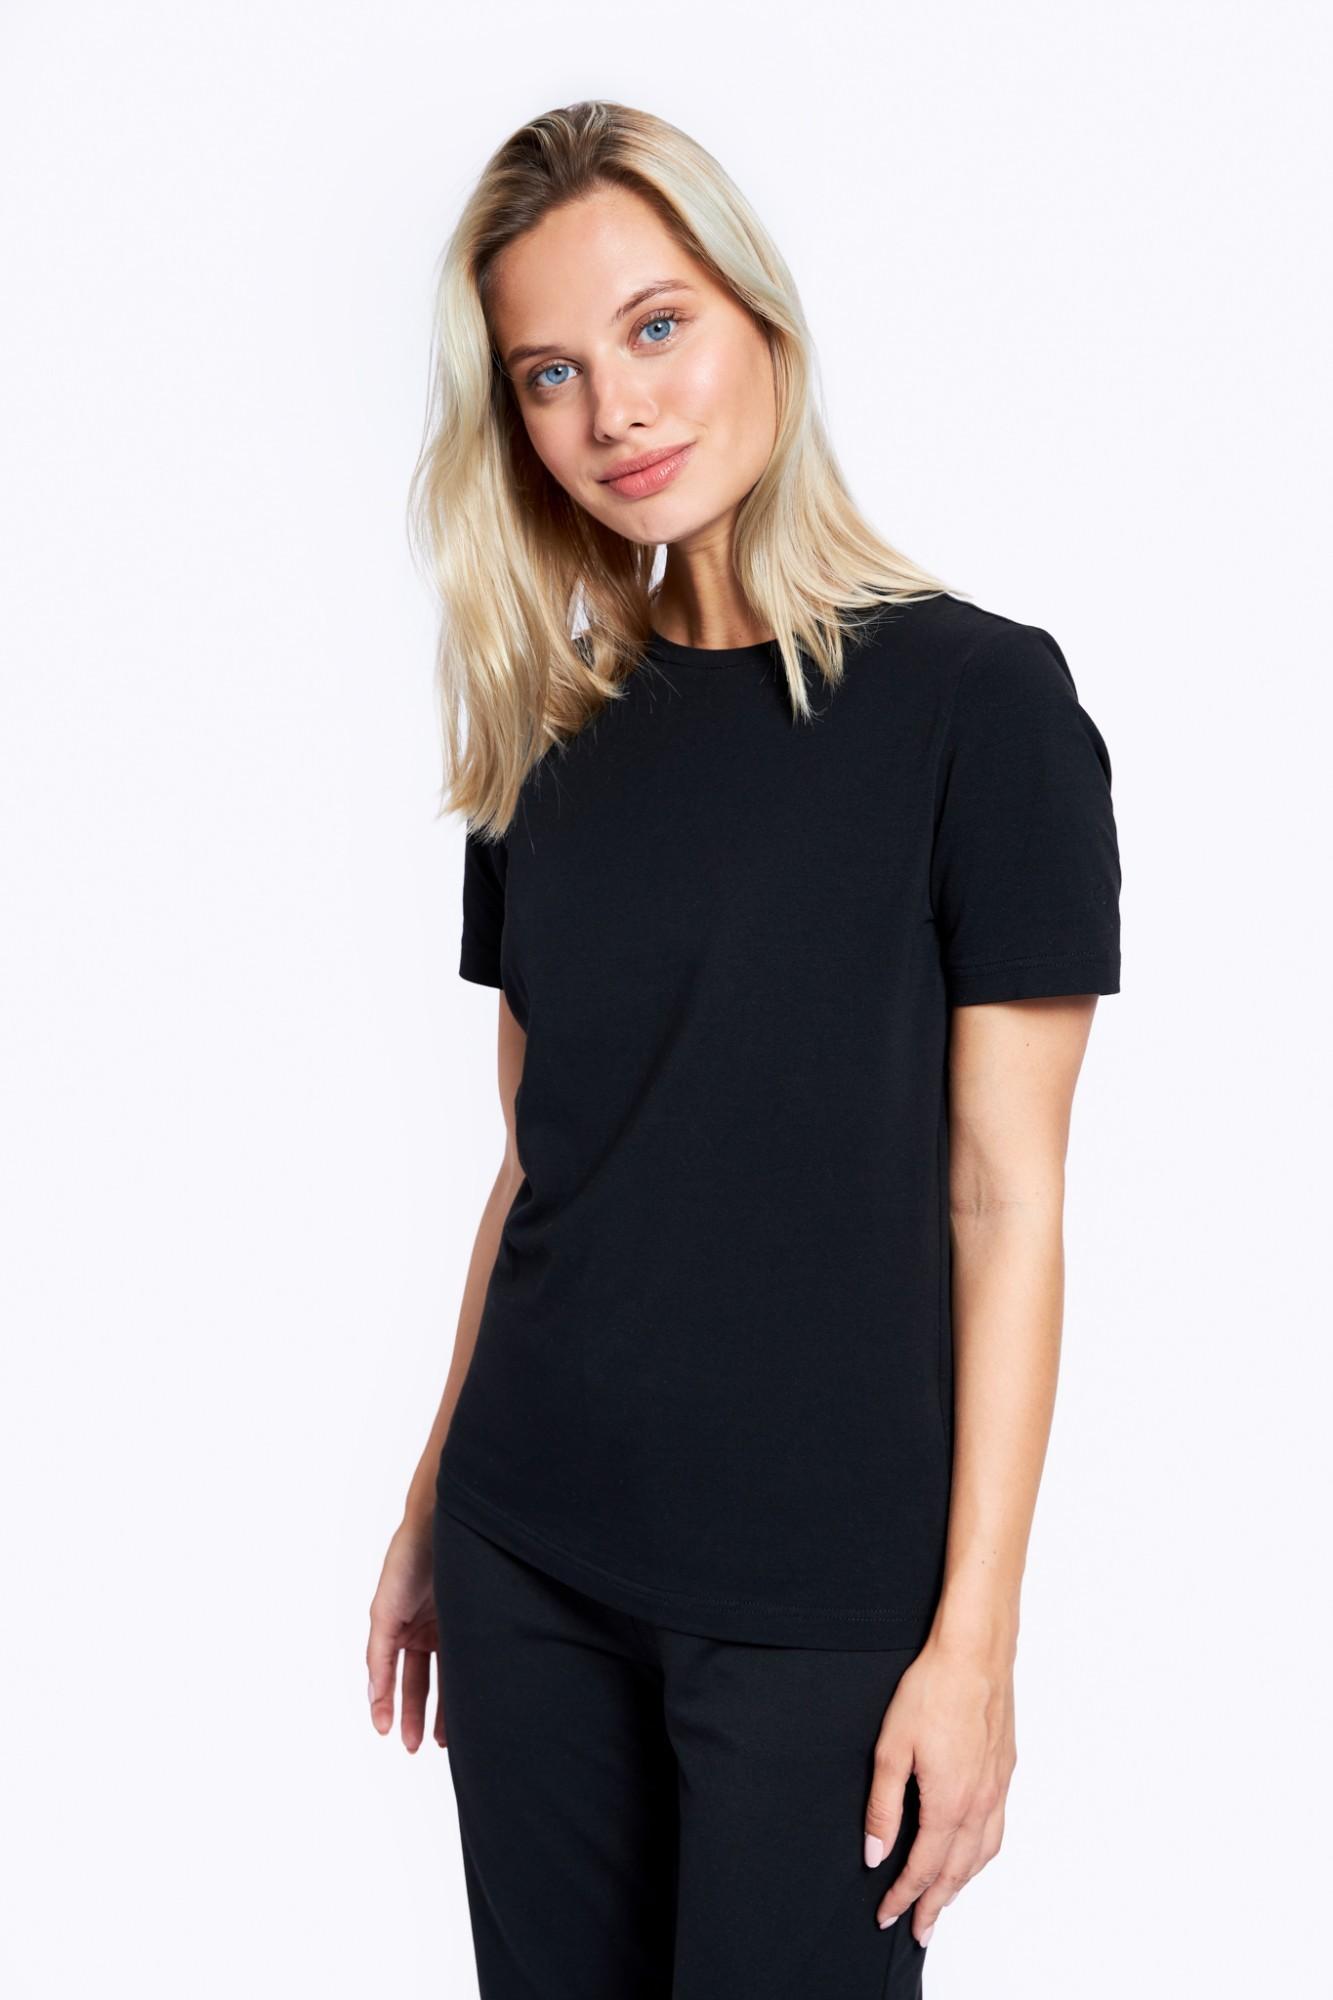 AUDIMAS Medvilniniai marškinėliai 2121-073 Black S